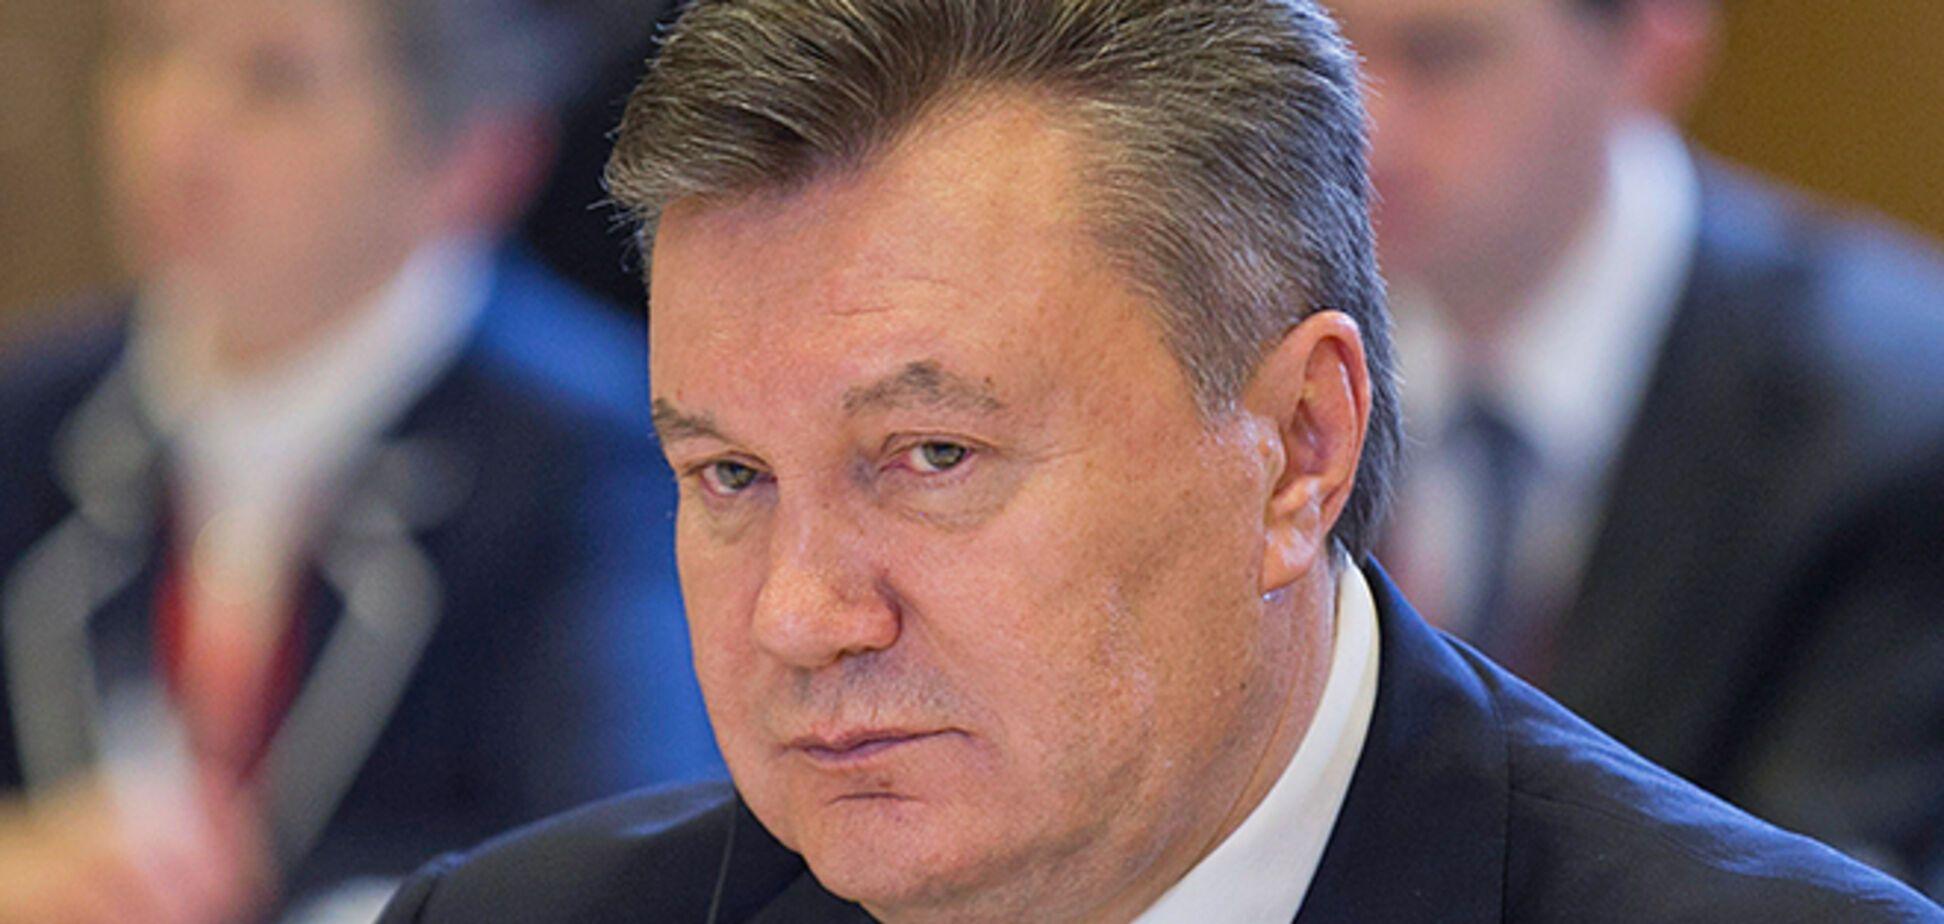 Против Януковича открыто еще одно дело - за подписание договора по ЧФ РФ